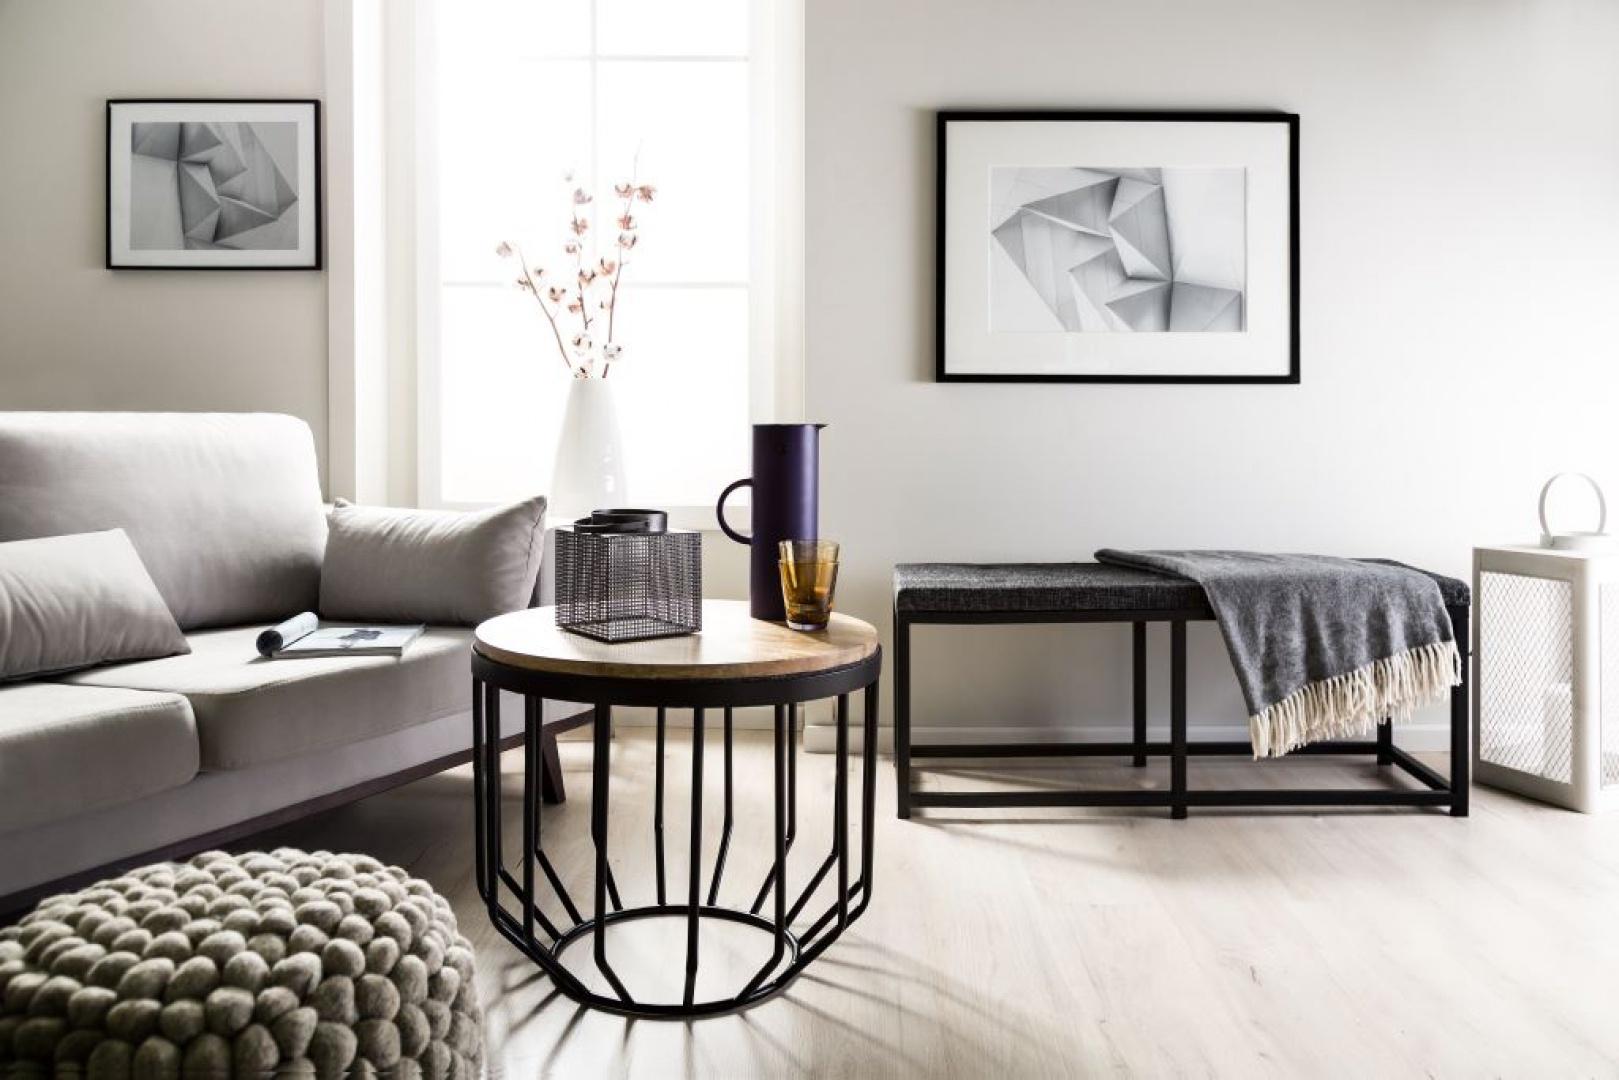 Nowoczesny, oryginalny stolik kawowy Mood Nordic Industrial zachwyca metalową konstrukcją podstawy oraz drewnianym blatem, który ociepla skandynawską aranżację salonu. Fot. Westwing